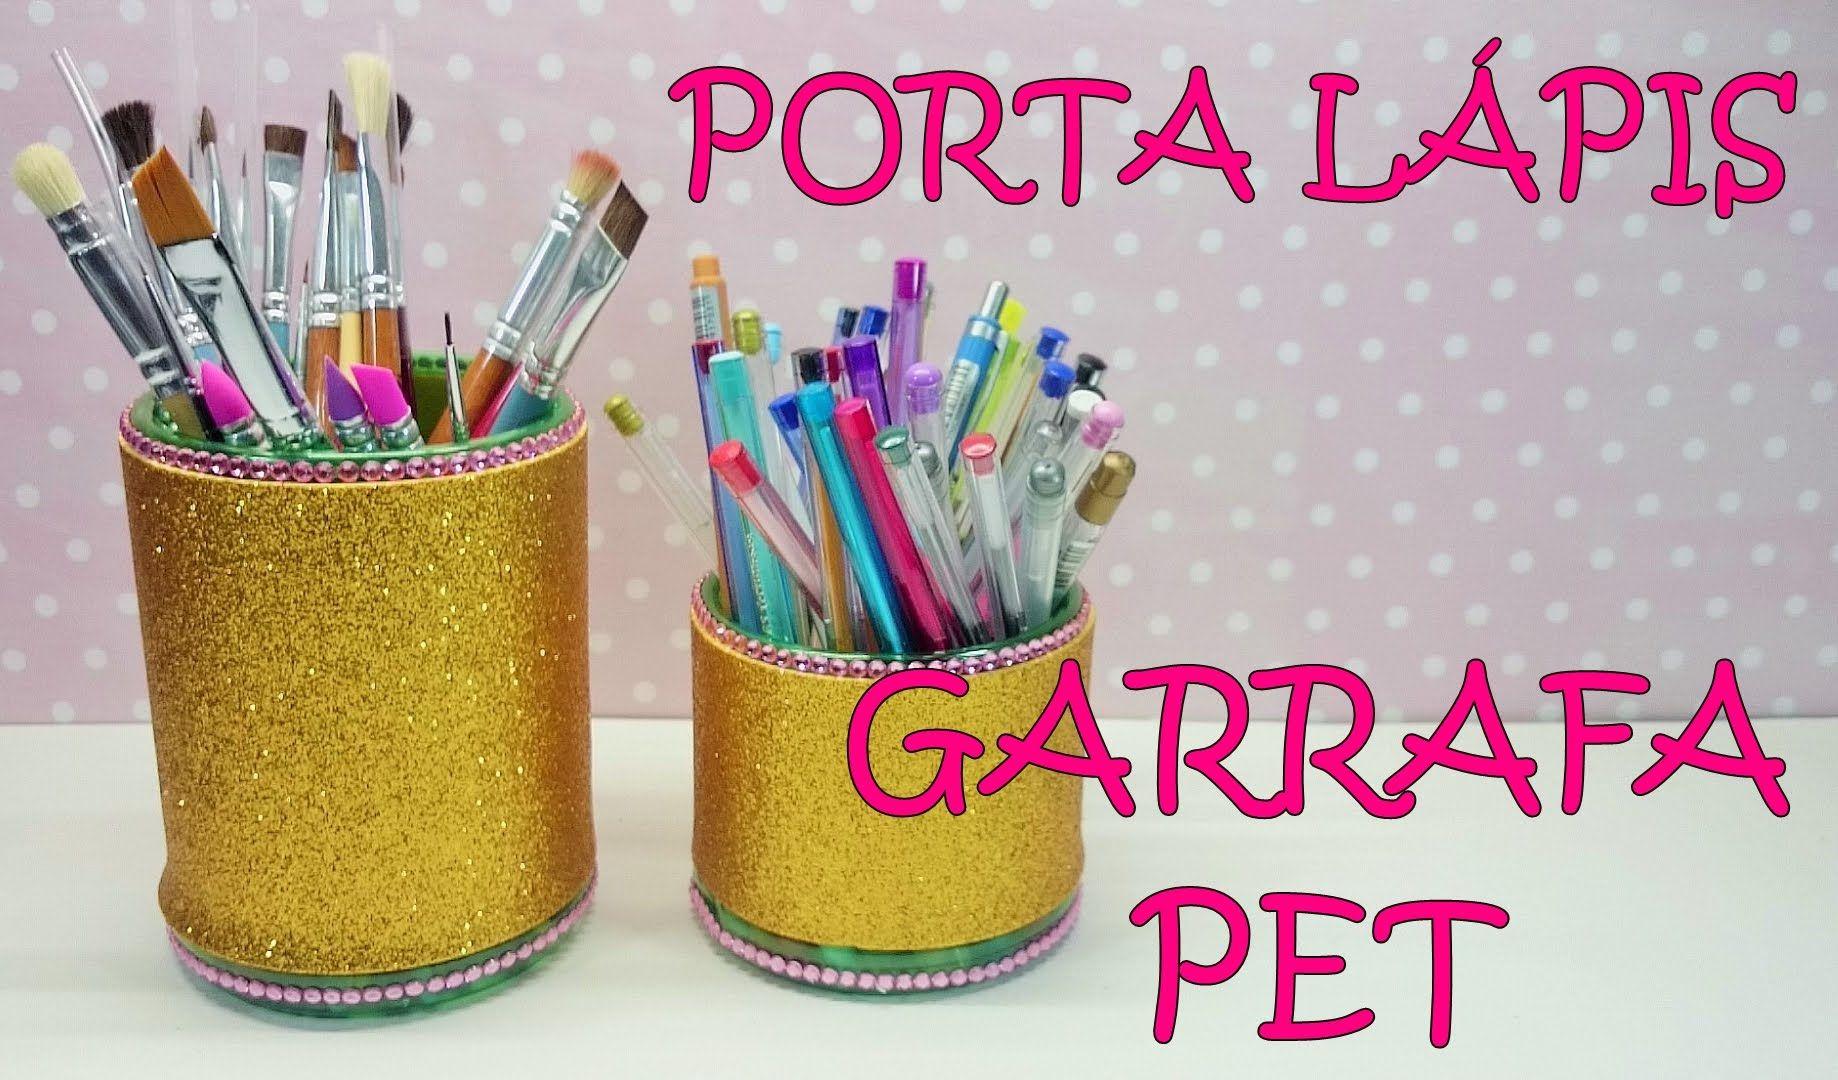 Super DIY PORTA LÁPIS - RECICLANDO GARRAFA PET | RECIKLACIJA-DEKOR  PZ08